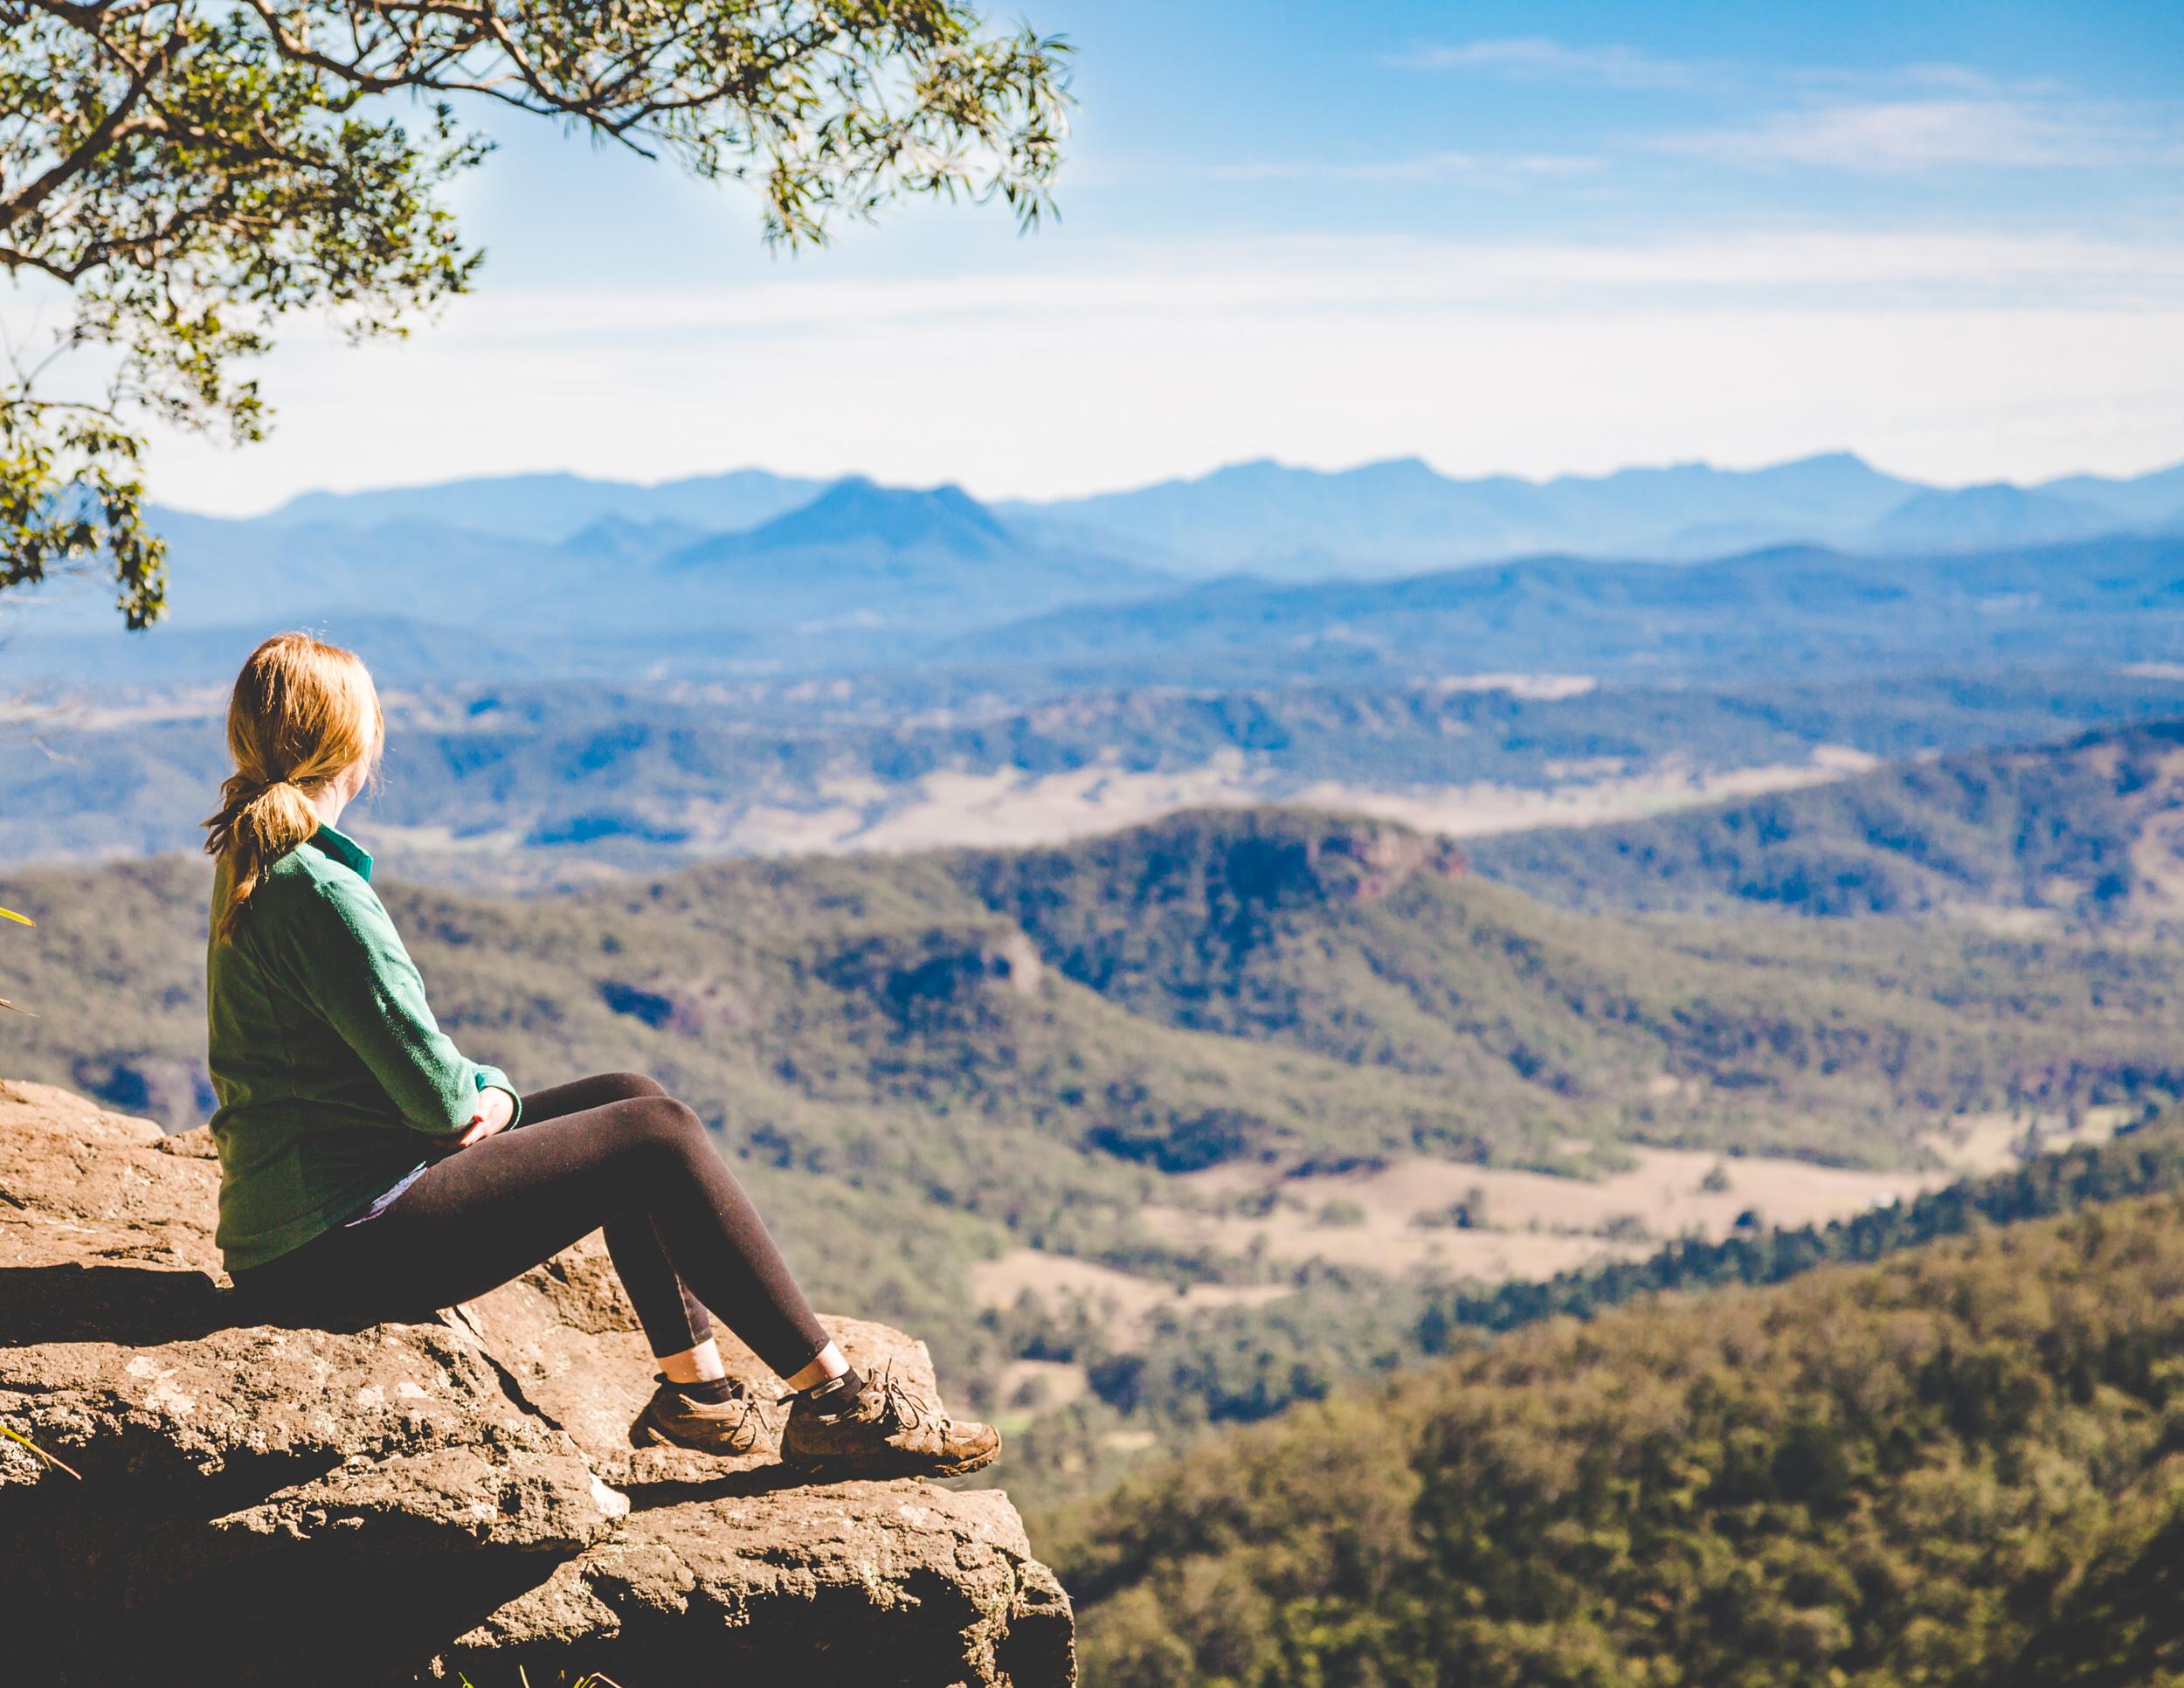 The view of Moran Falls